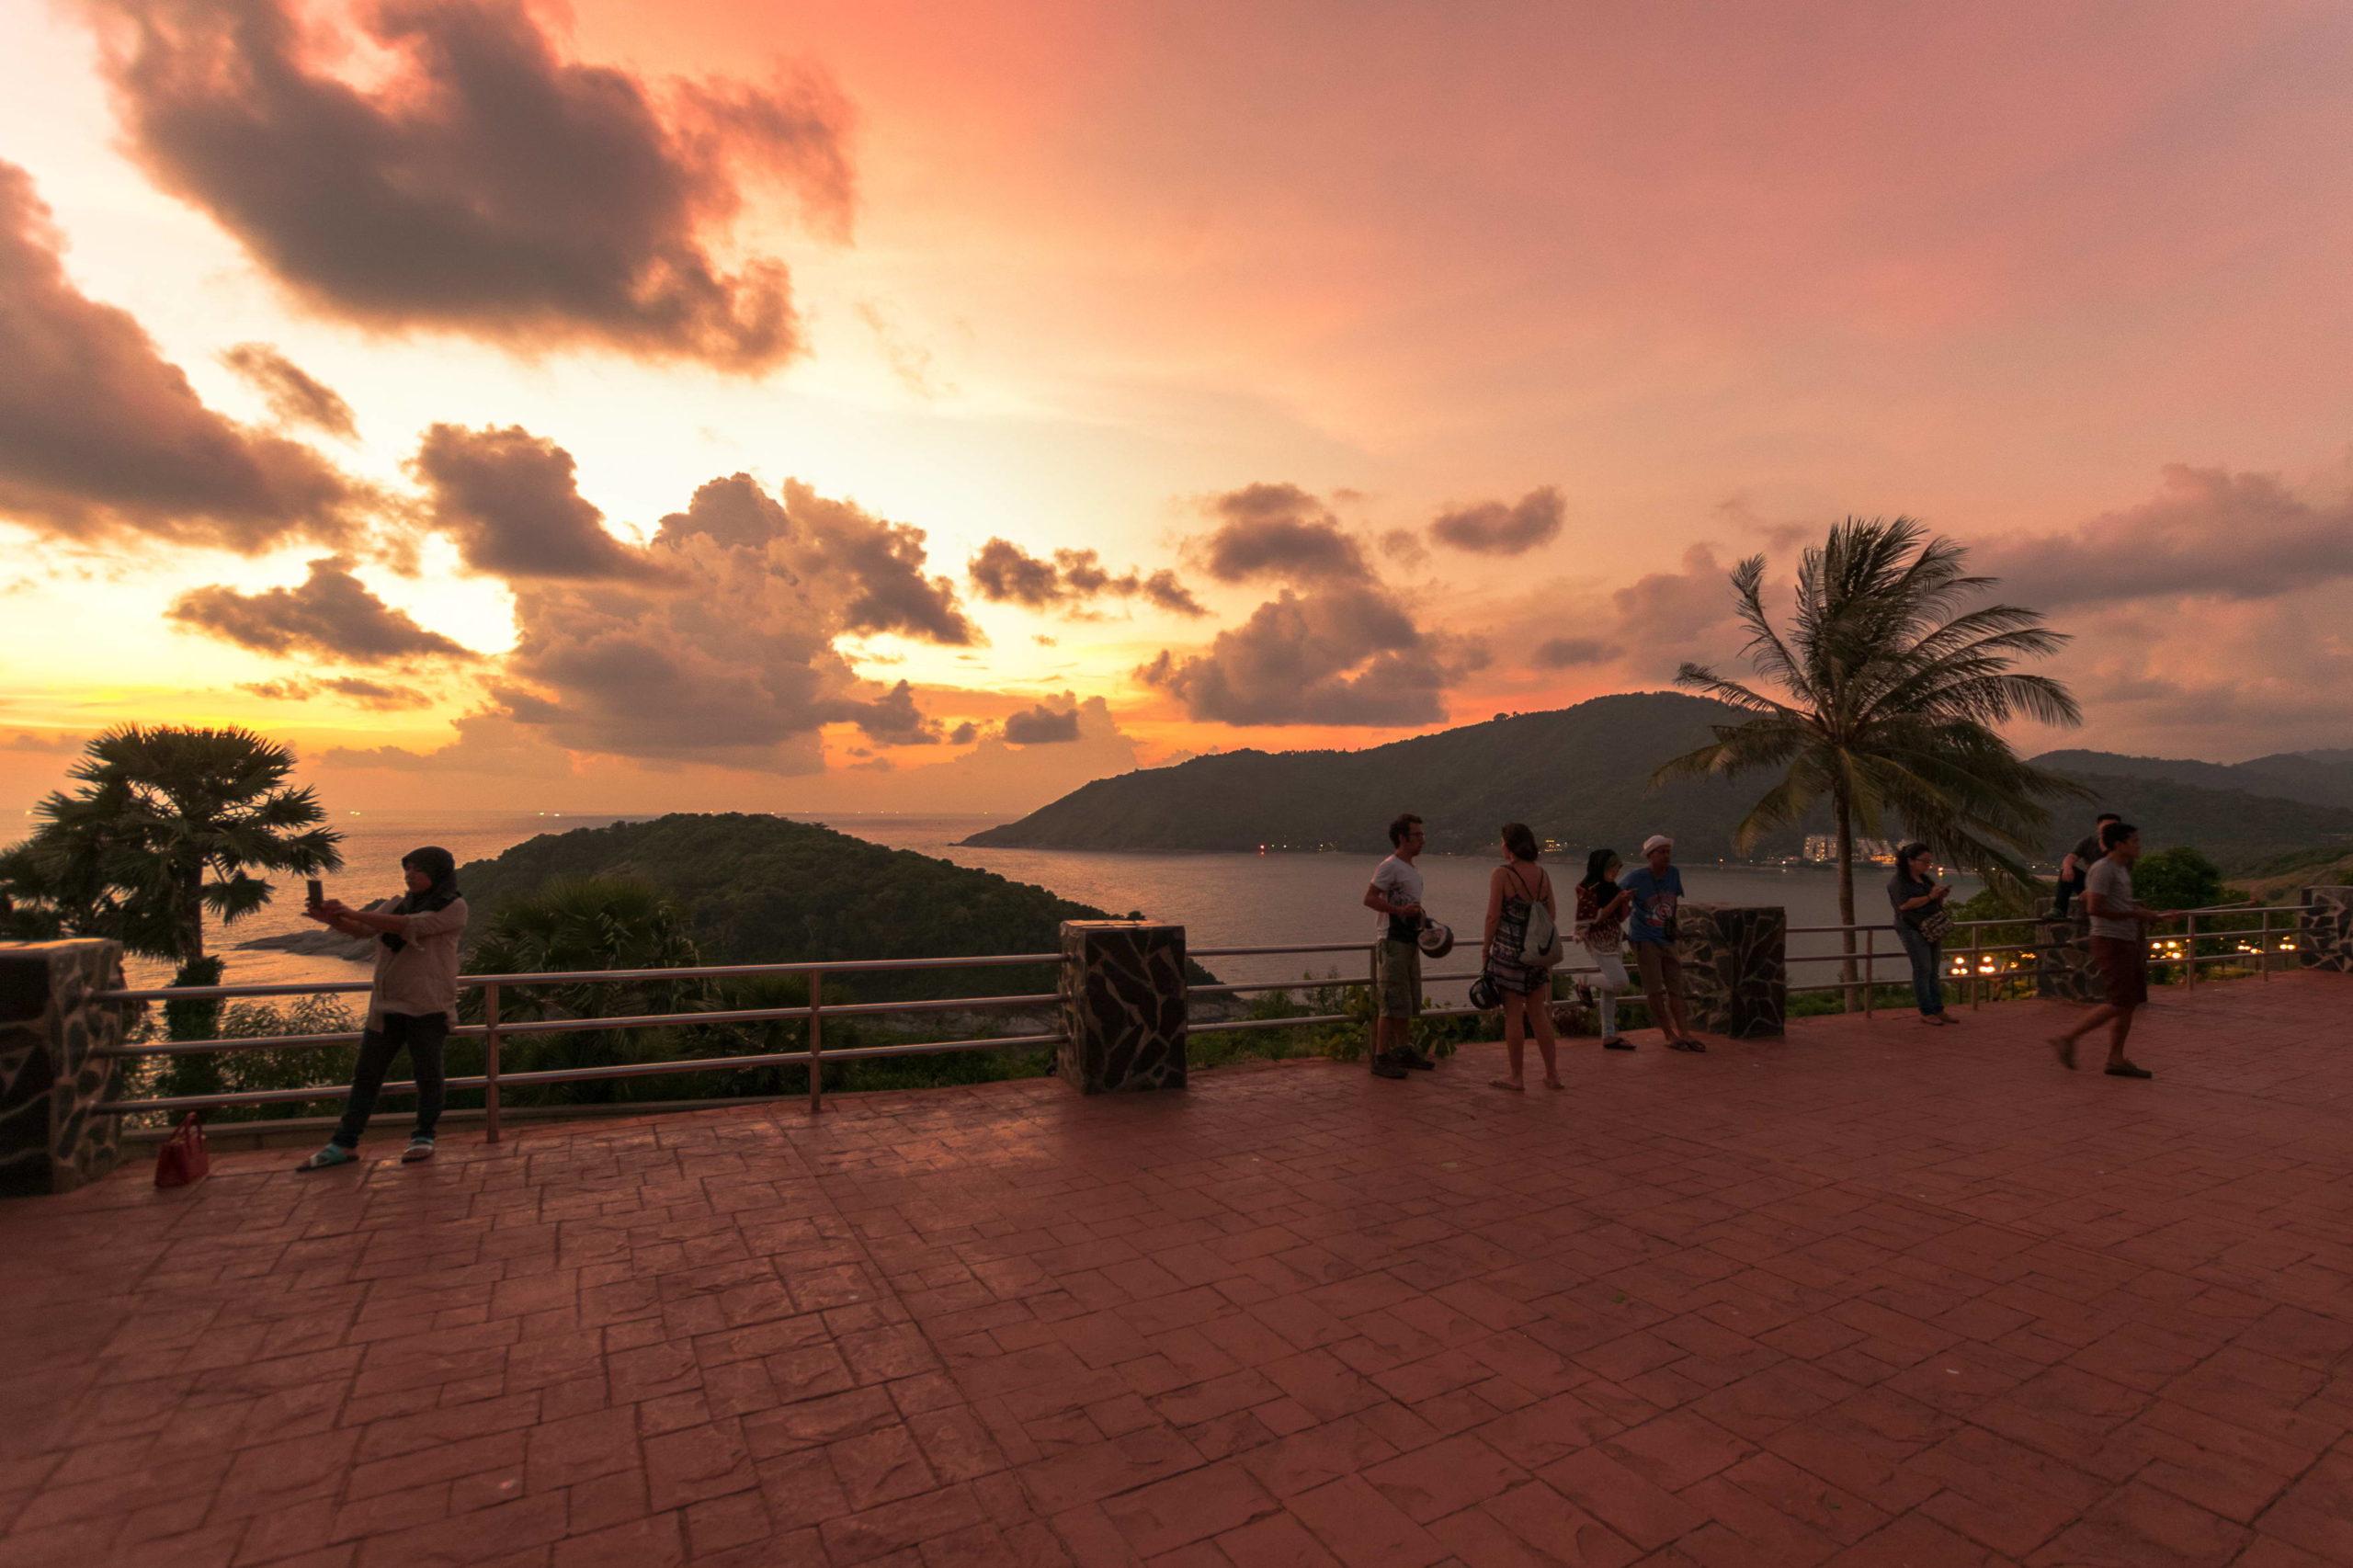 Rawai, Phuket, Phuket Seasons, Ayurveda, Wellness, Yoga Retreats, Phuket Thailand, Mangosteen Ayurveda & Wellness Resort, Number 1 Ayurveda Resort in Thailand, Rawai, Phuket.